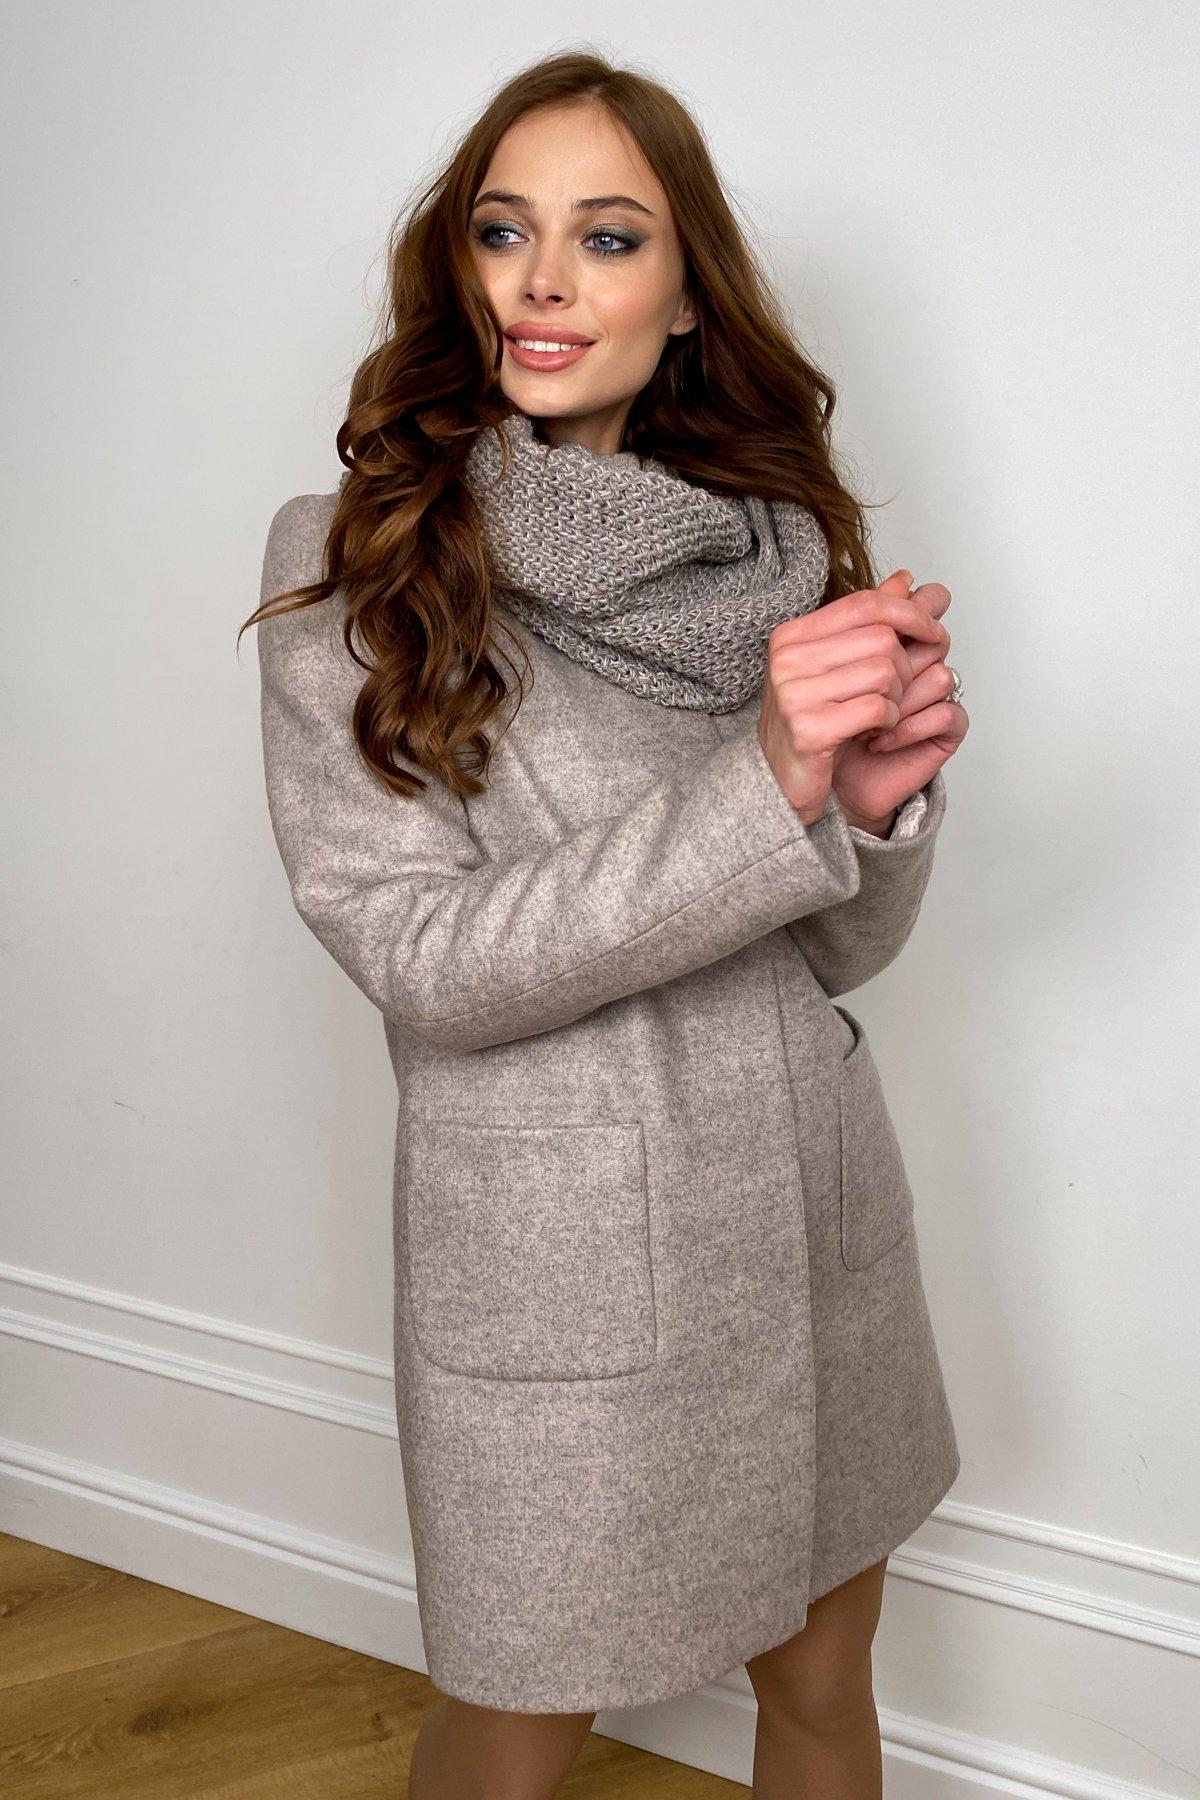 Пальто зима с хомутом Мелини 5644 АРТ. 38206 Цвет: Бежевый 31 - фото 3, интернет магазин tm-modus.ru